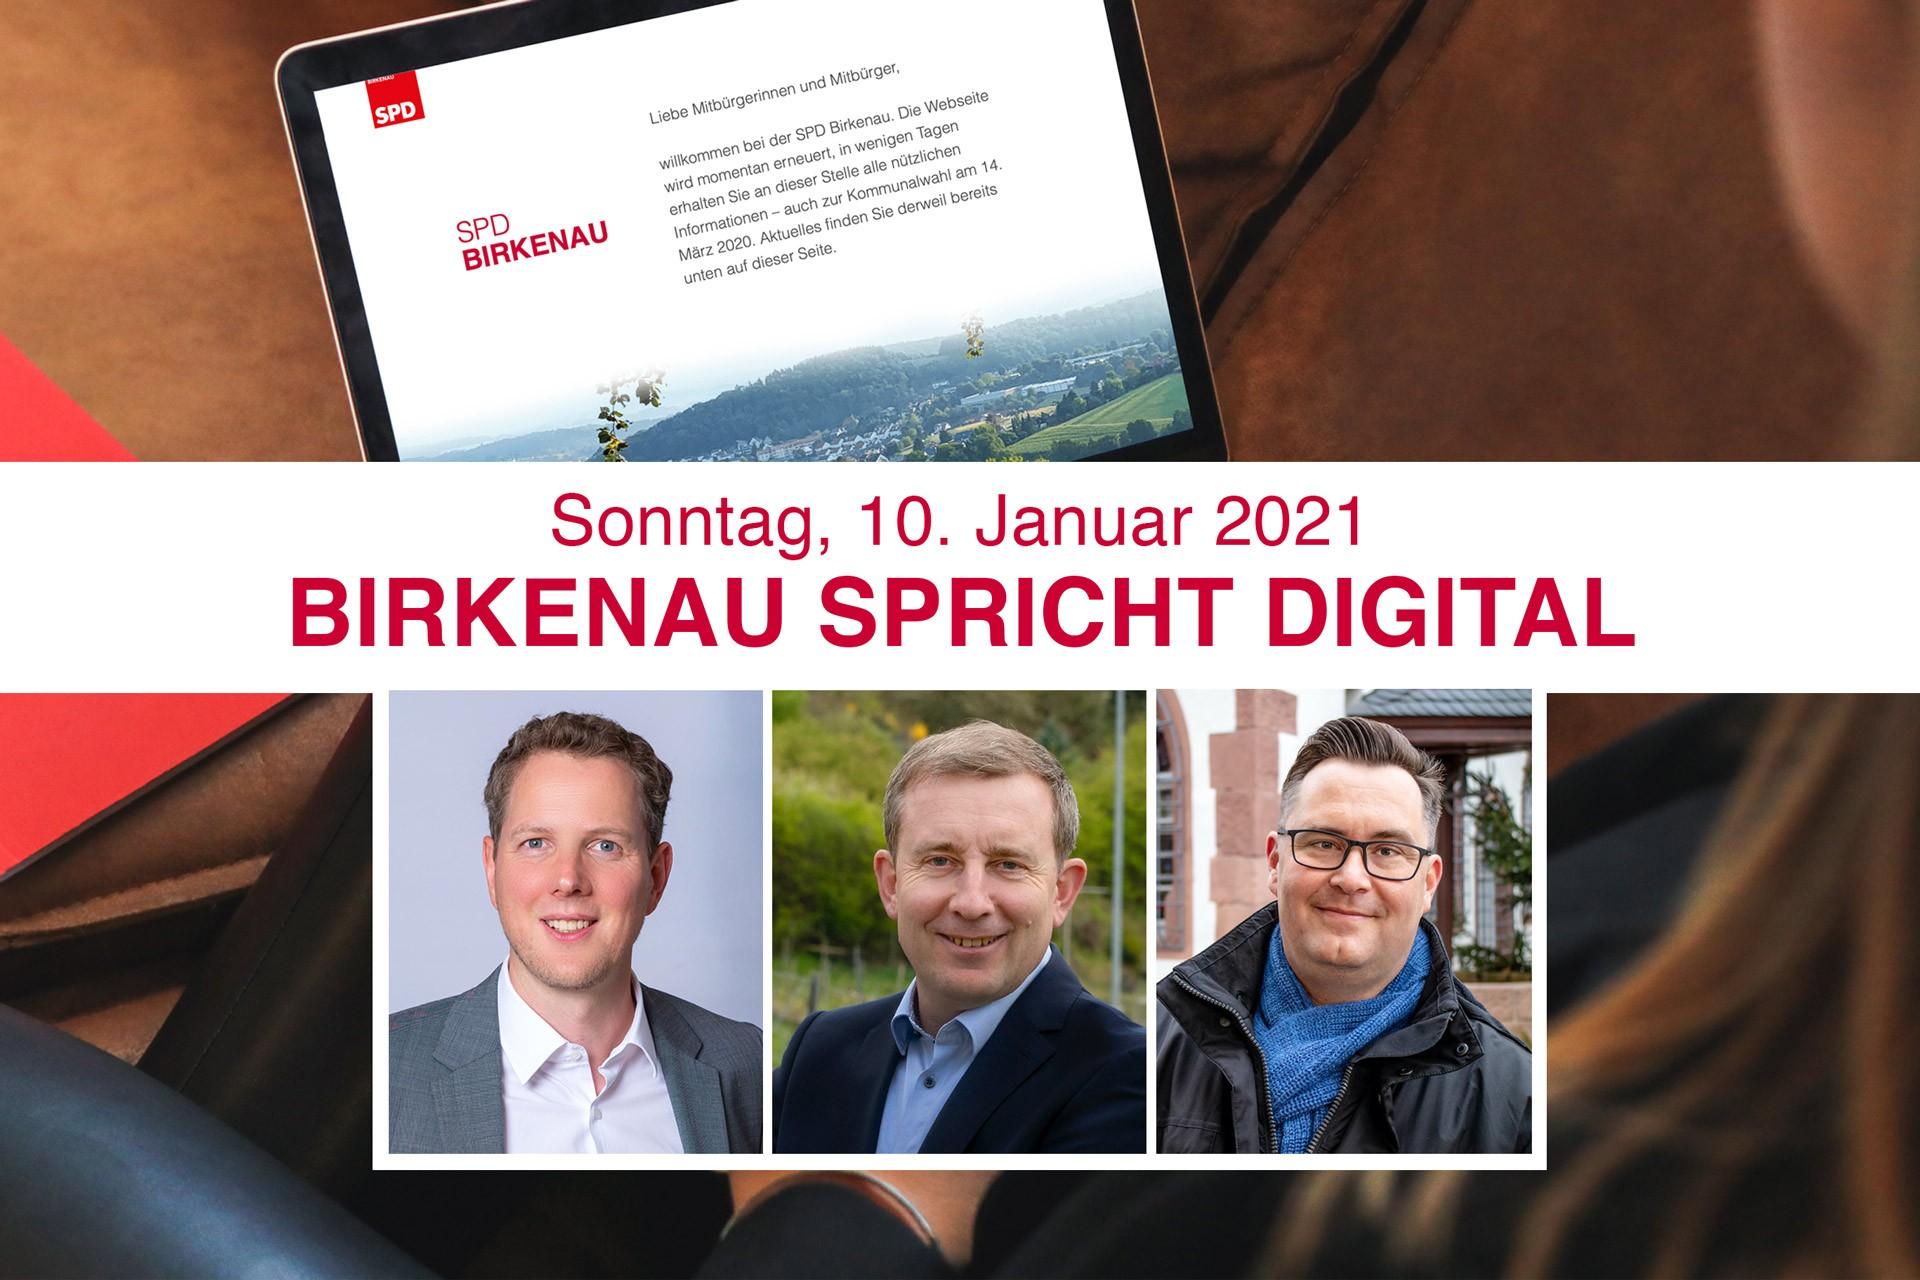 Birkenau spricht digital